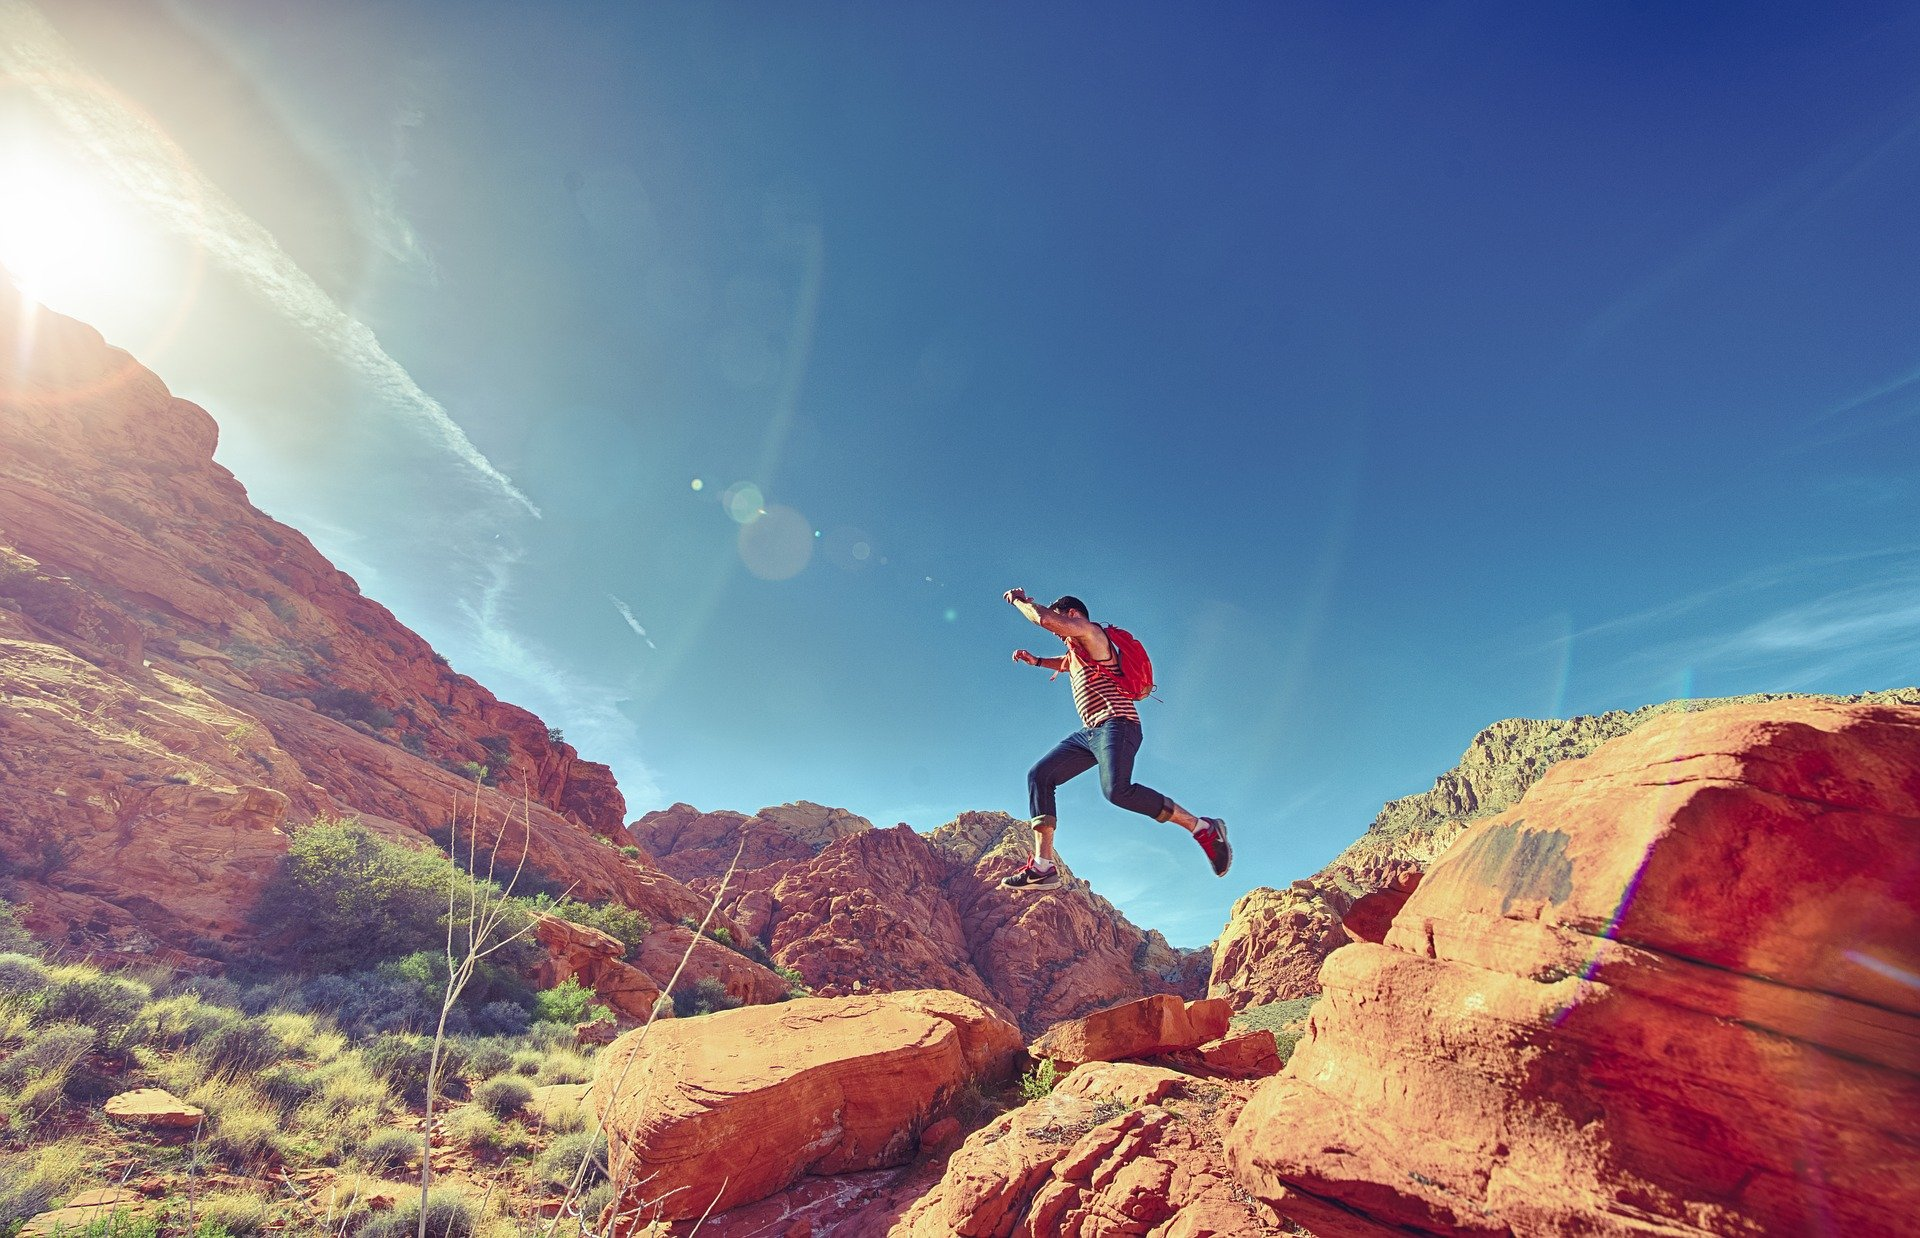 Randonnée en haute montagne : à savoir avant de se lancer